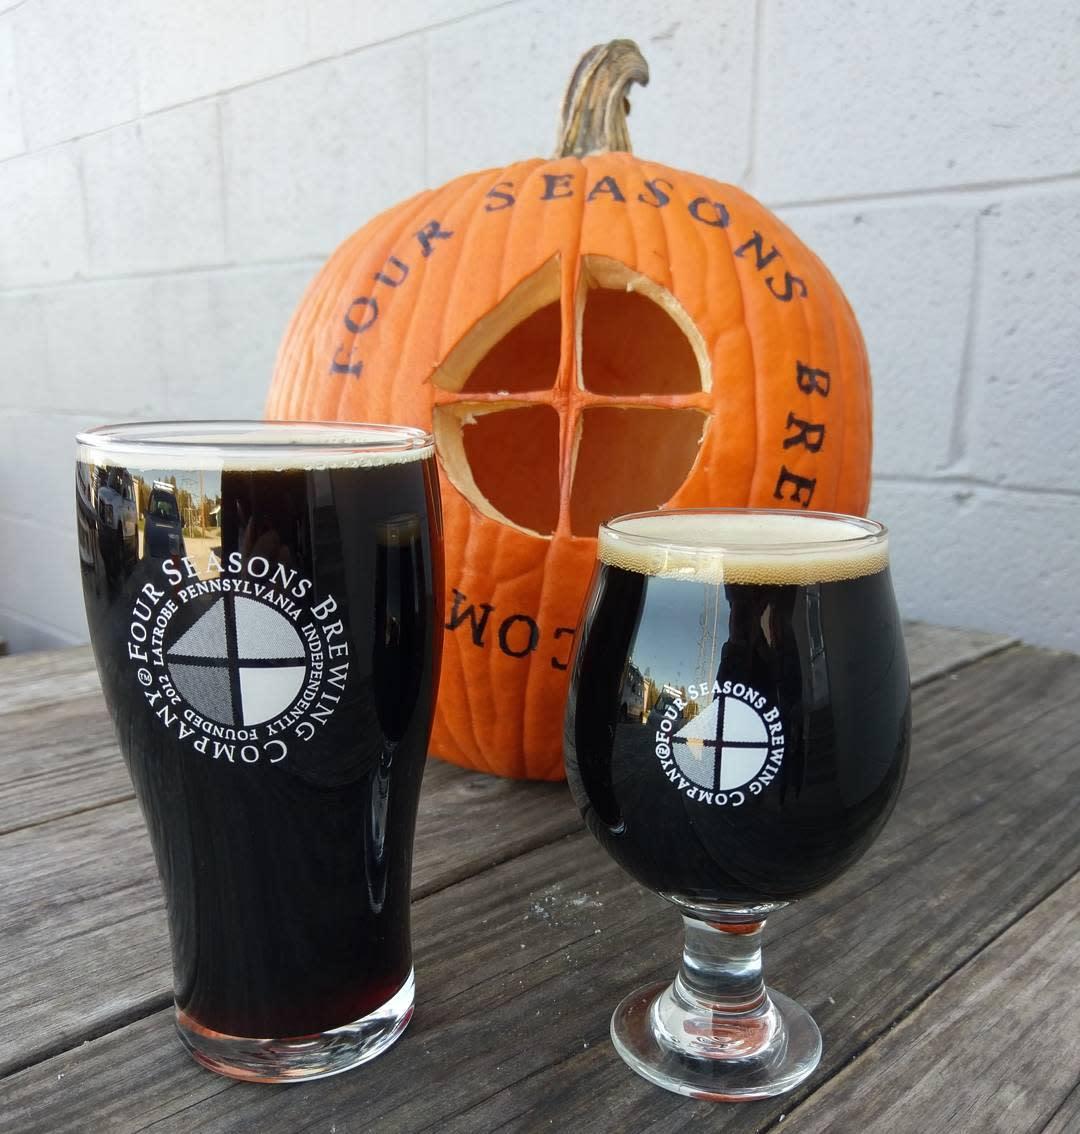 Four Seasons Fall beers